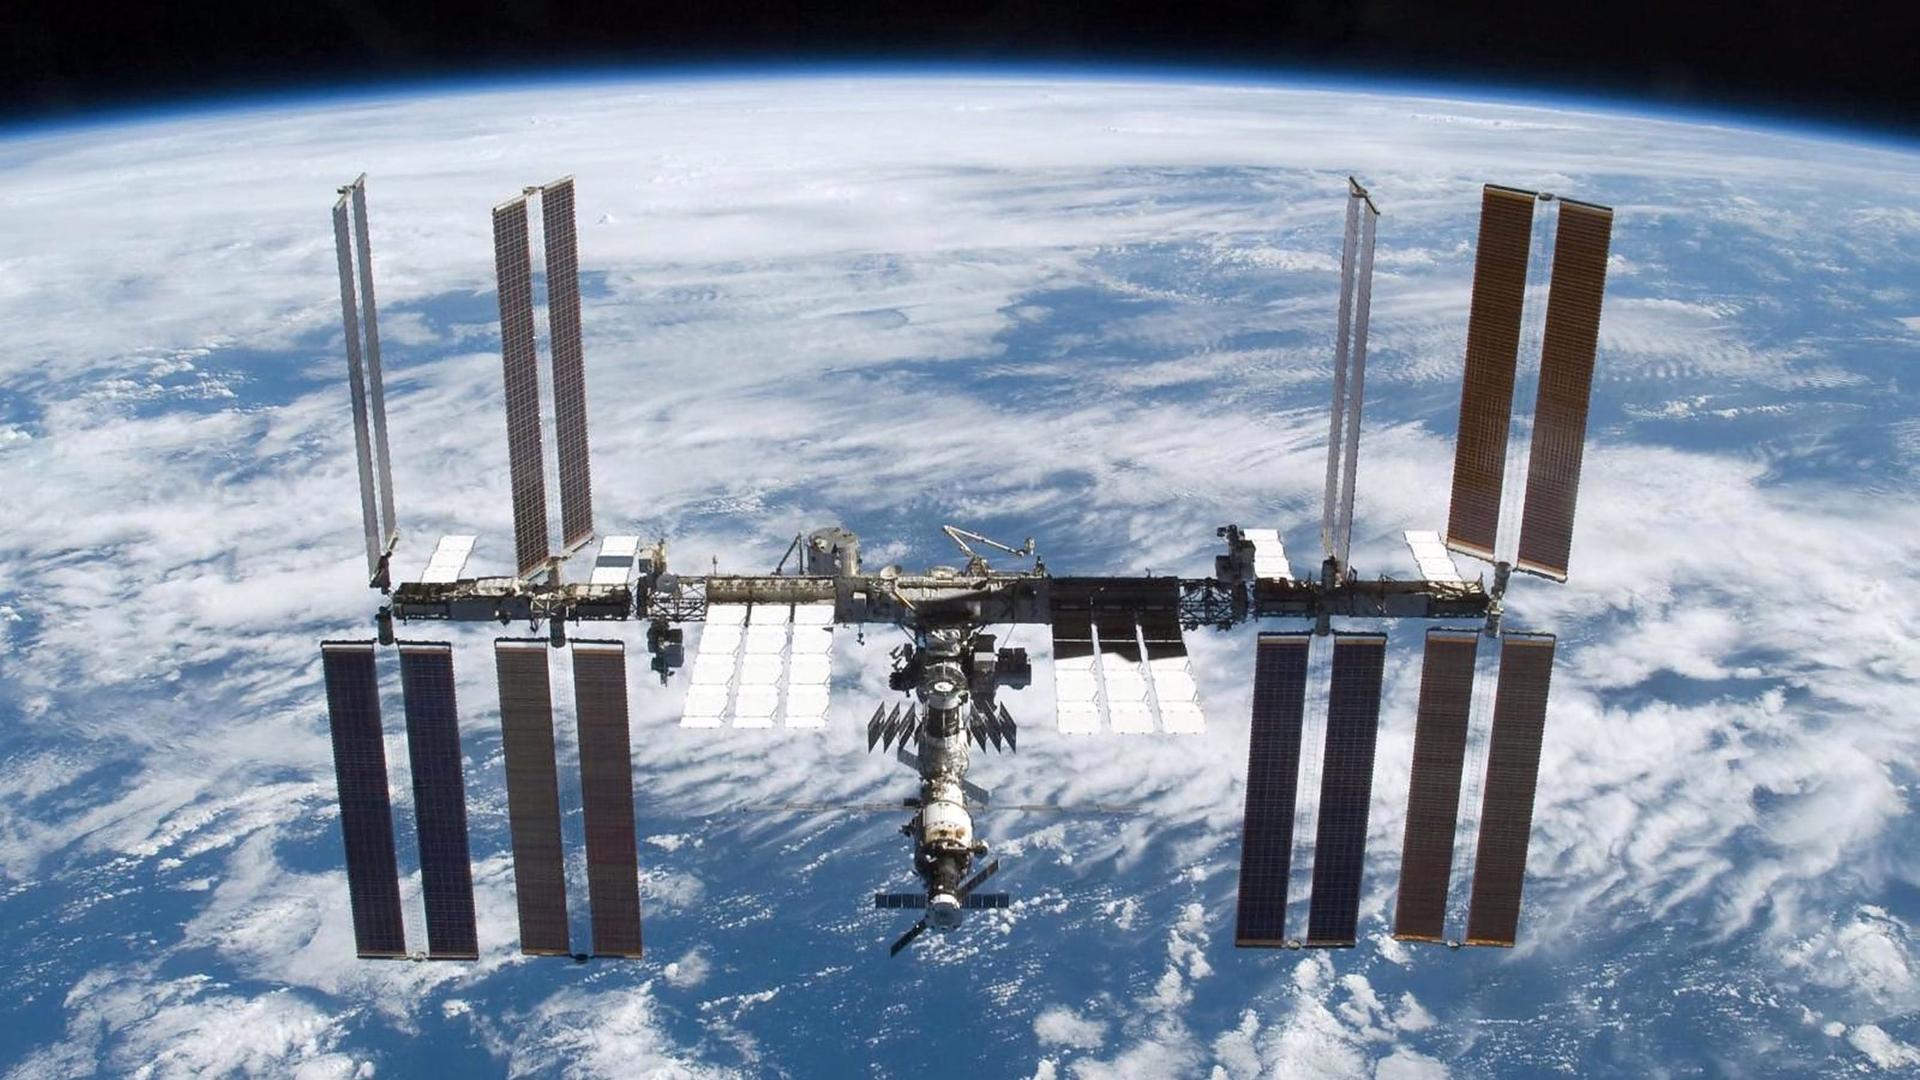 logo!: Die Raumstation ISS - ZDFmediathek